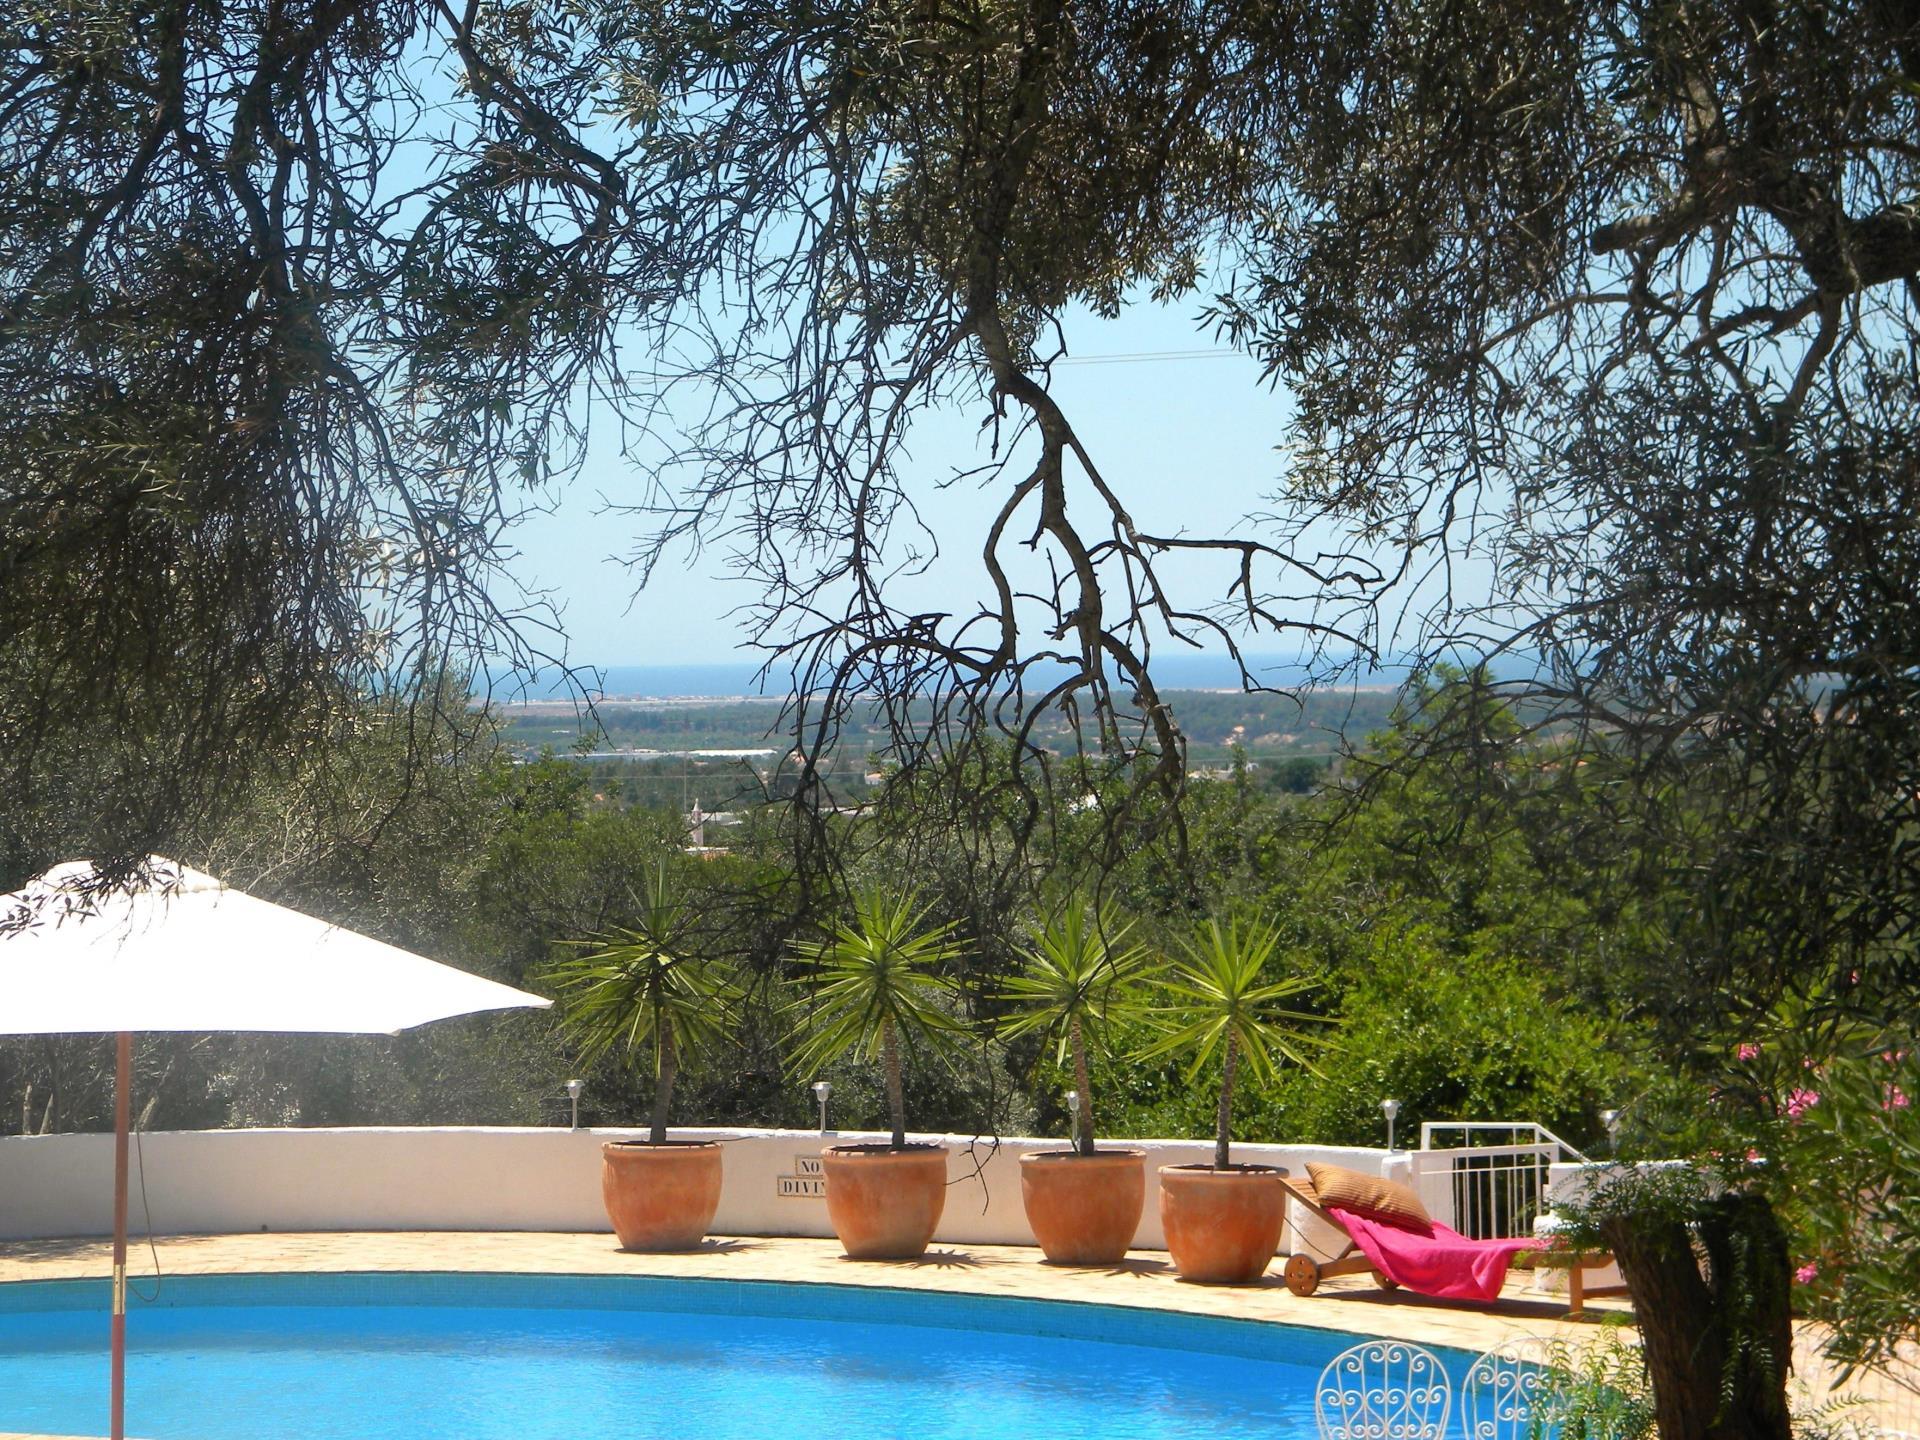 農場/牧場 / プランテーション のために 売買 アット Farm, 7 bedrooms, for Sale Faro, Algarve ポルトガル